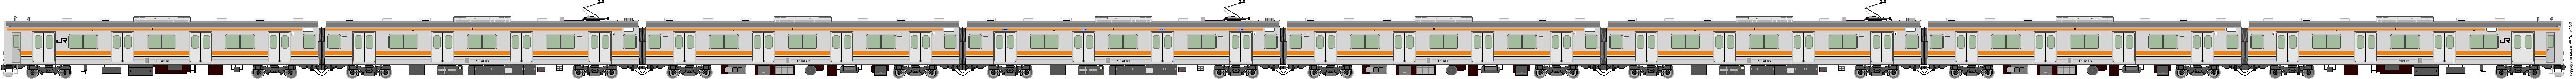 [5416] 東日本旅客鉄道 5416